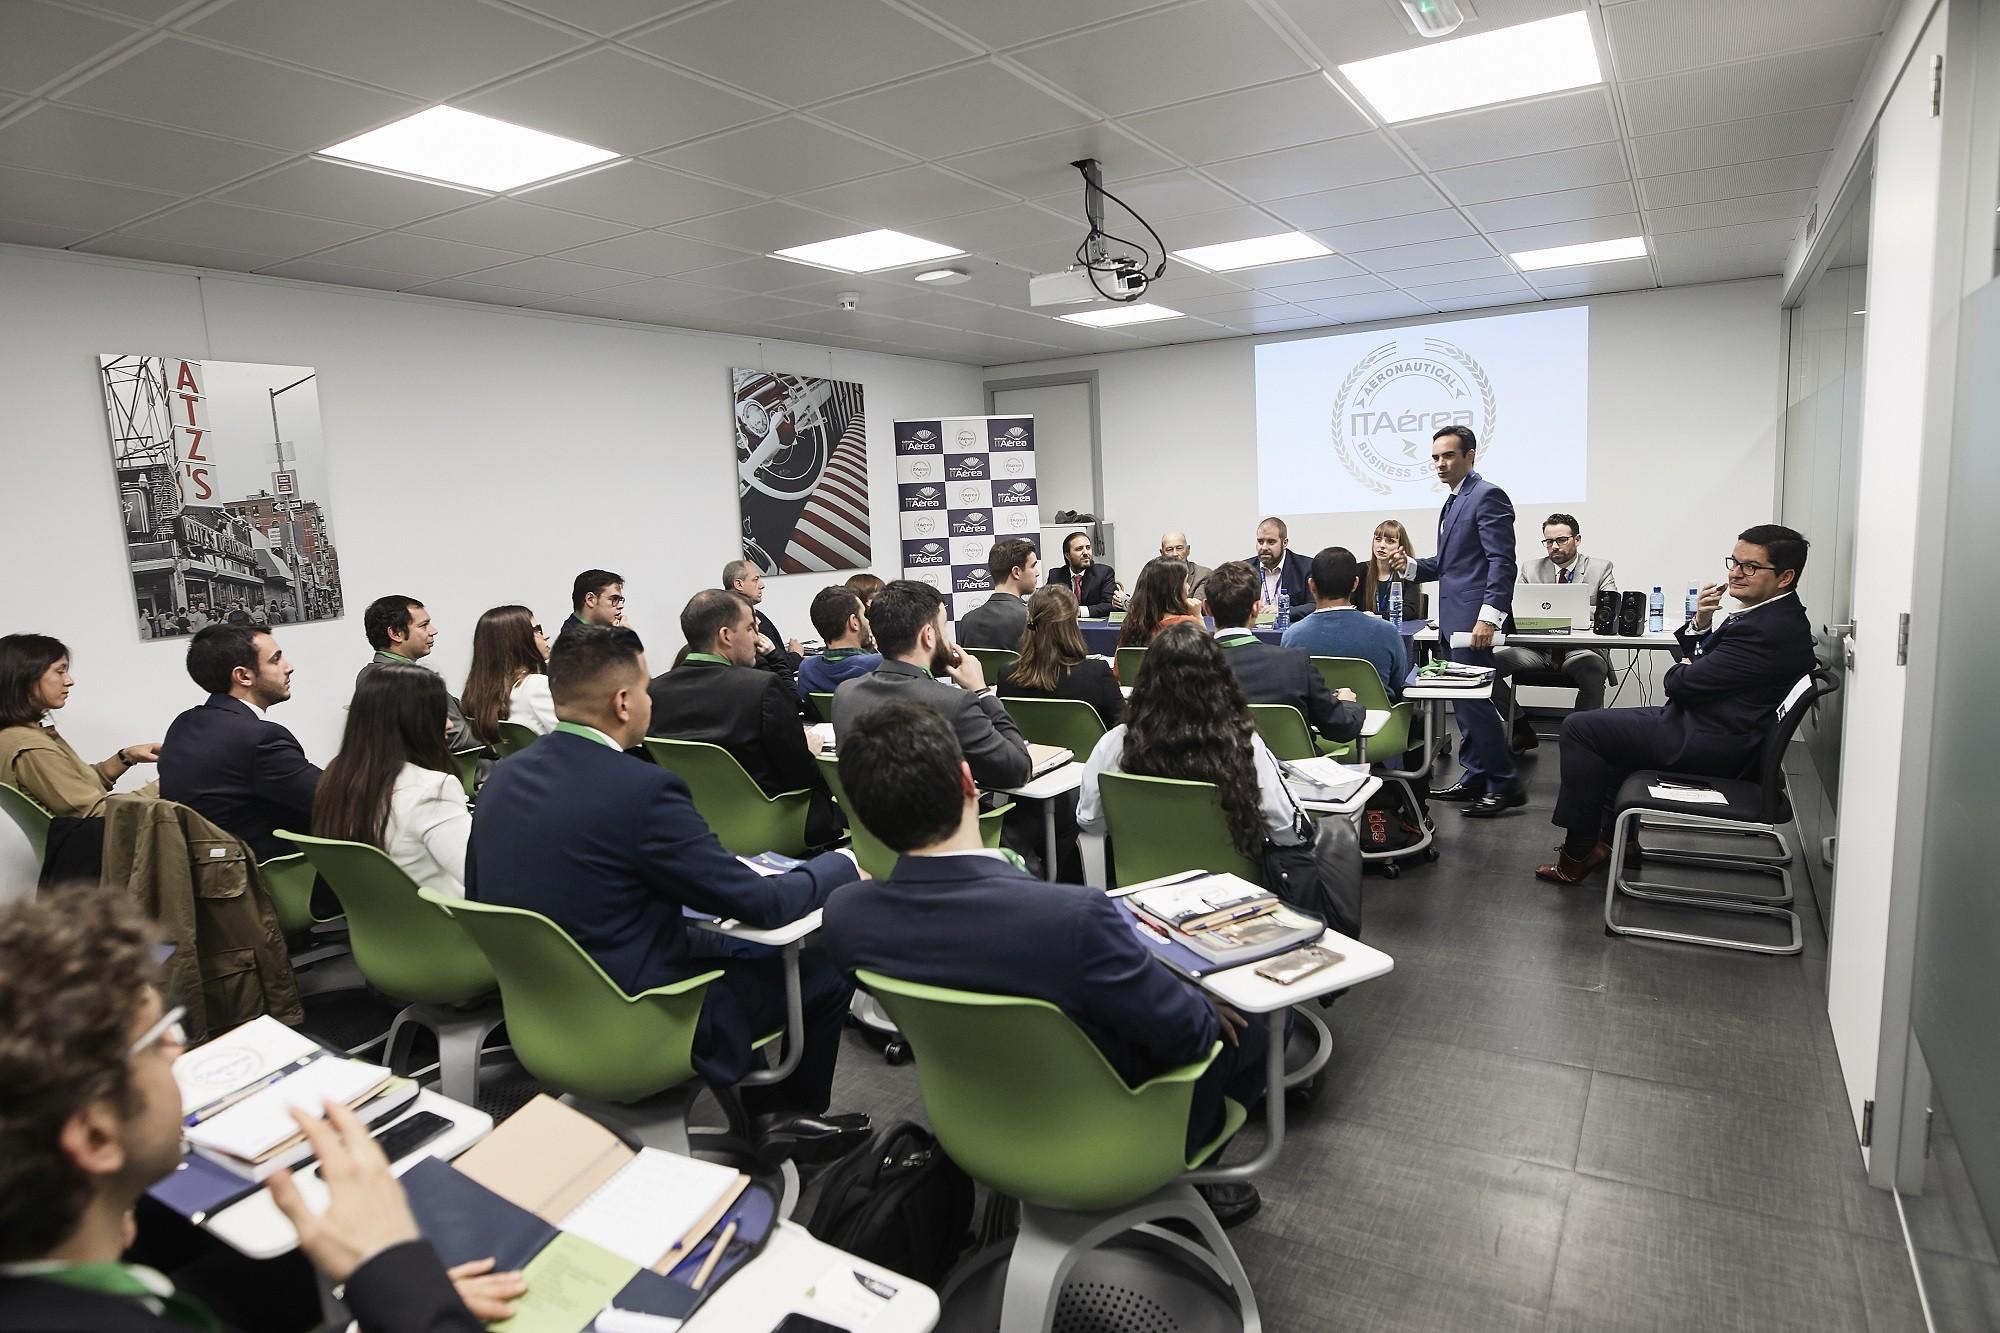 MG 8876 - ITAérea da la bienvenida a la promoción 2019-2021 del MGDA Executive Presencial de Madrid